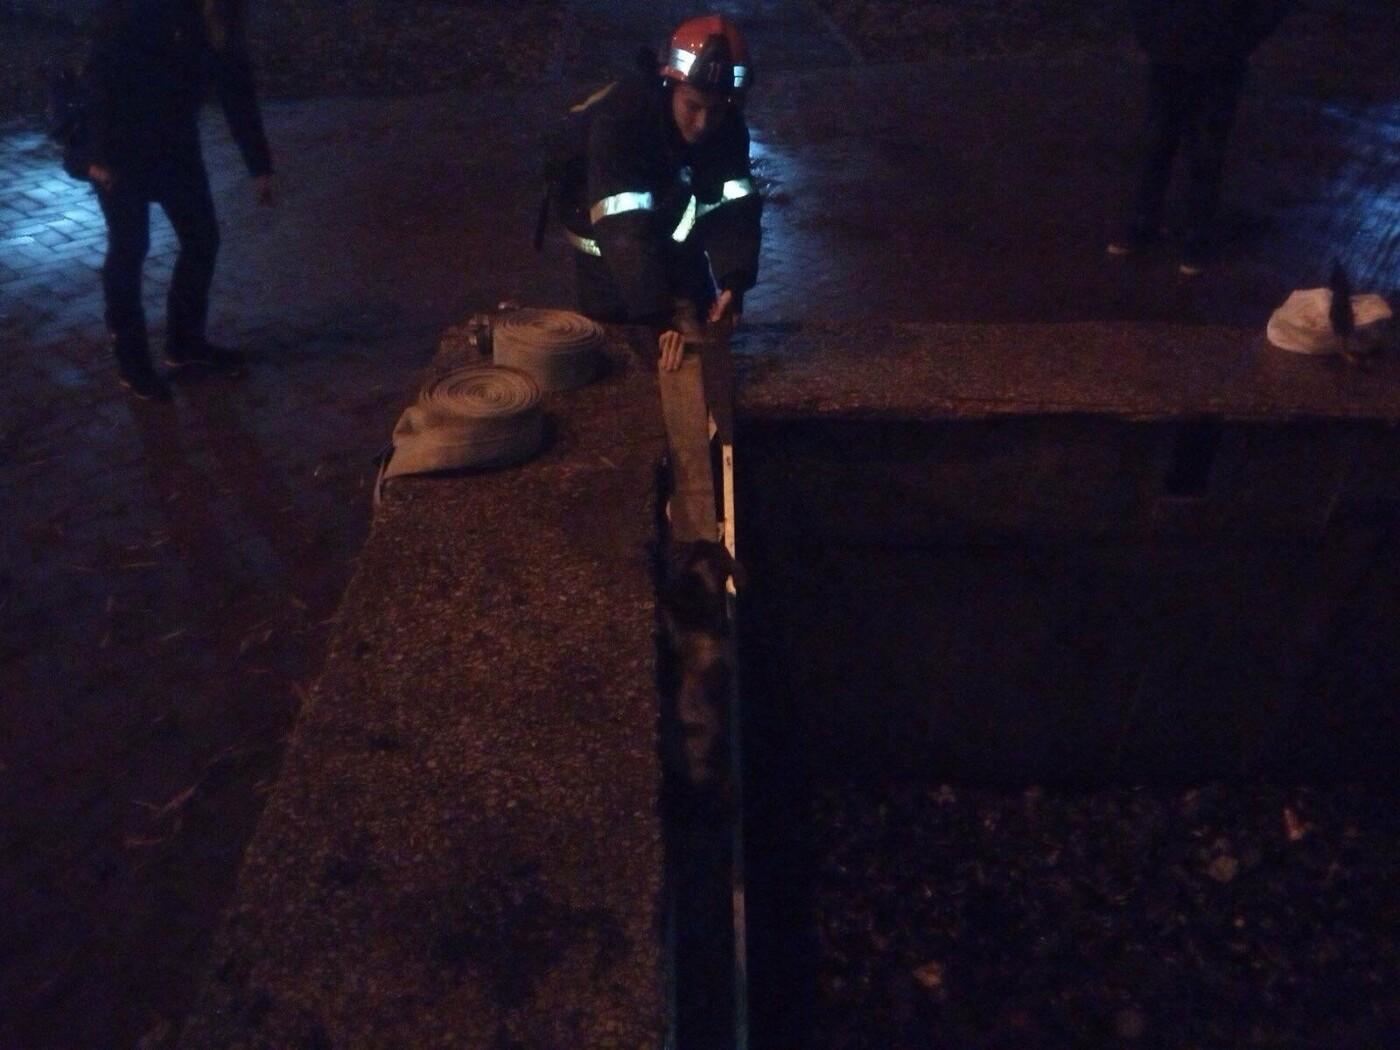 В Кривом Роге спасатели достали собаку, угодившую на дно бассейна, - ФОТО, фото-2